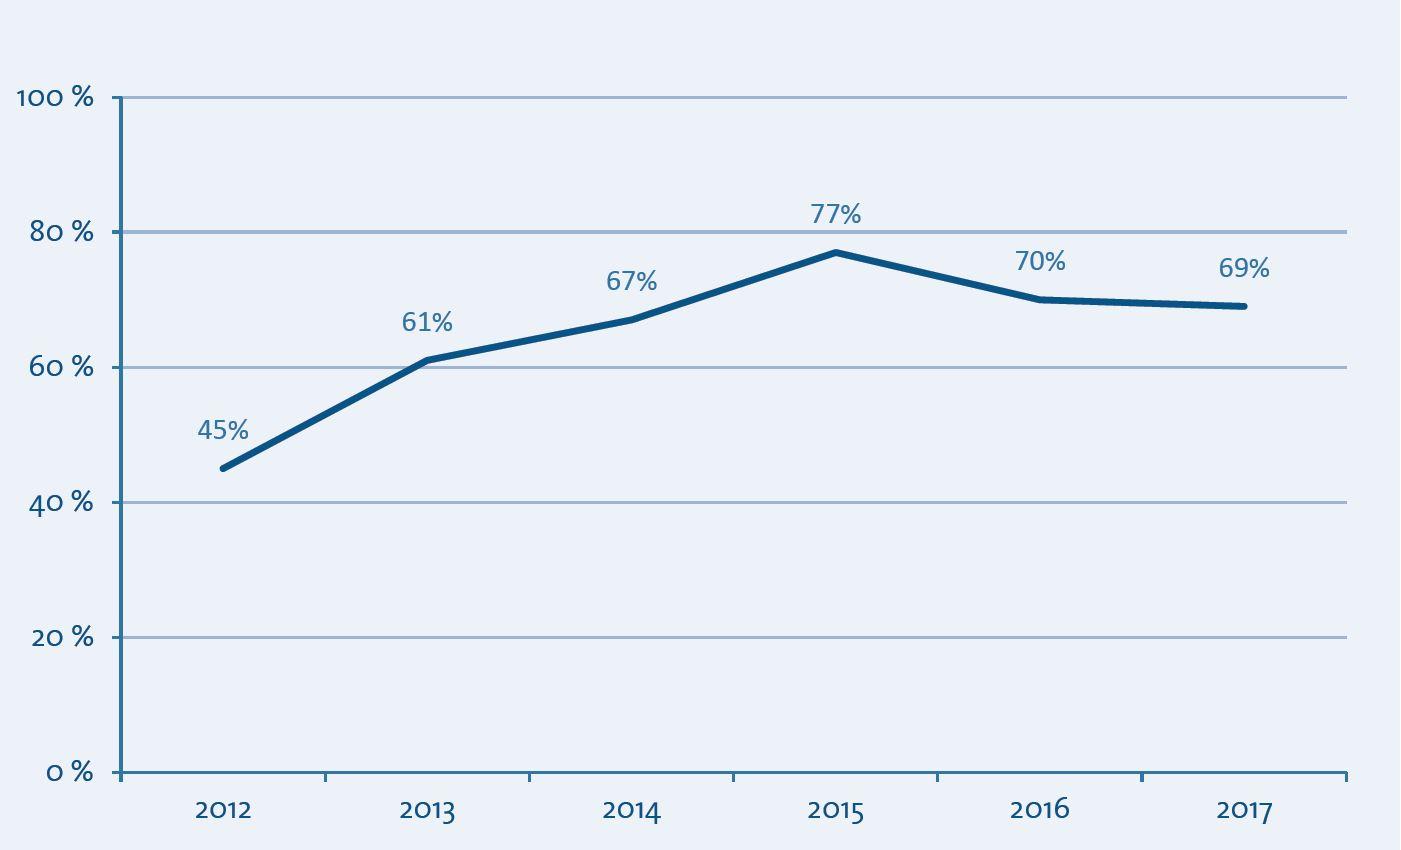 Entwicklung der Auslastungsquote 2012-2017